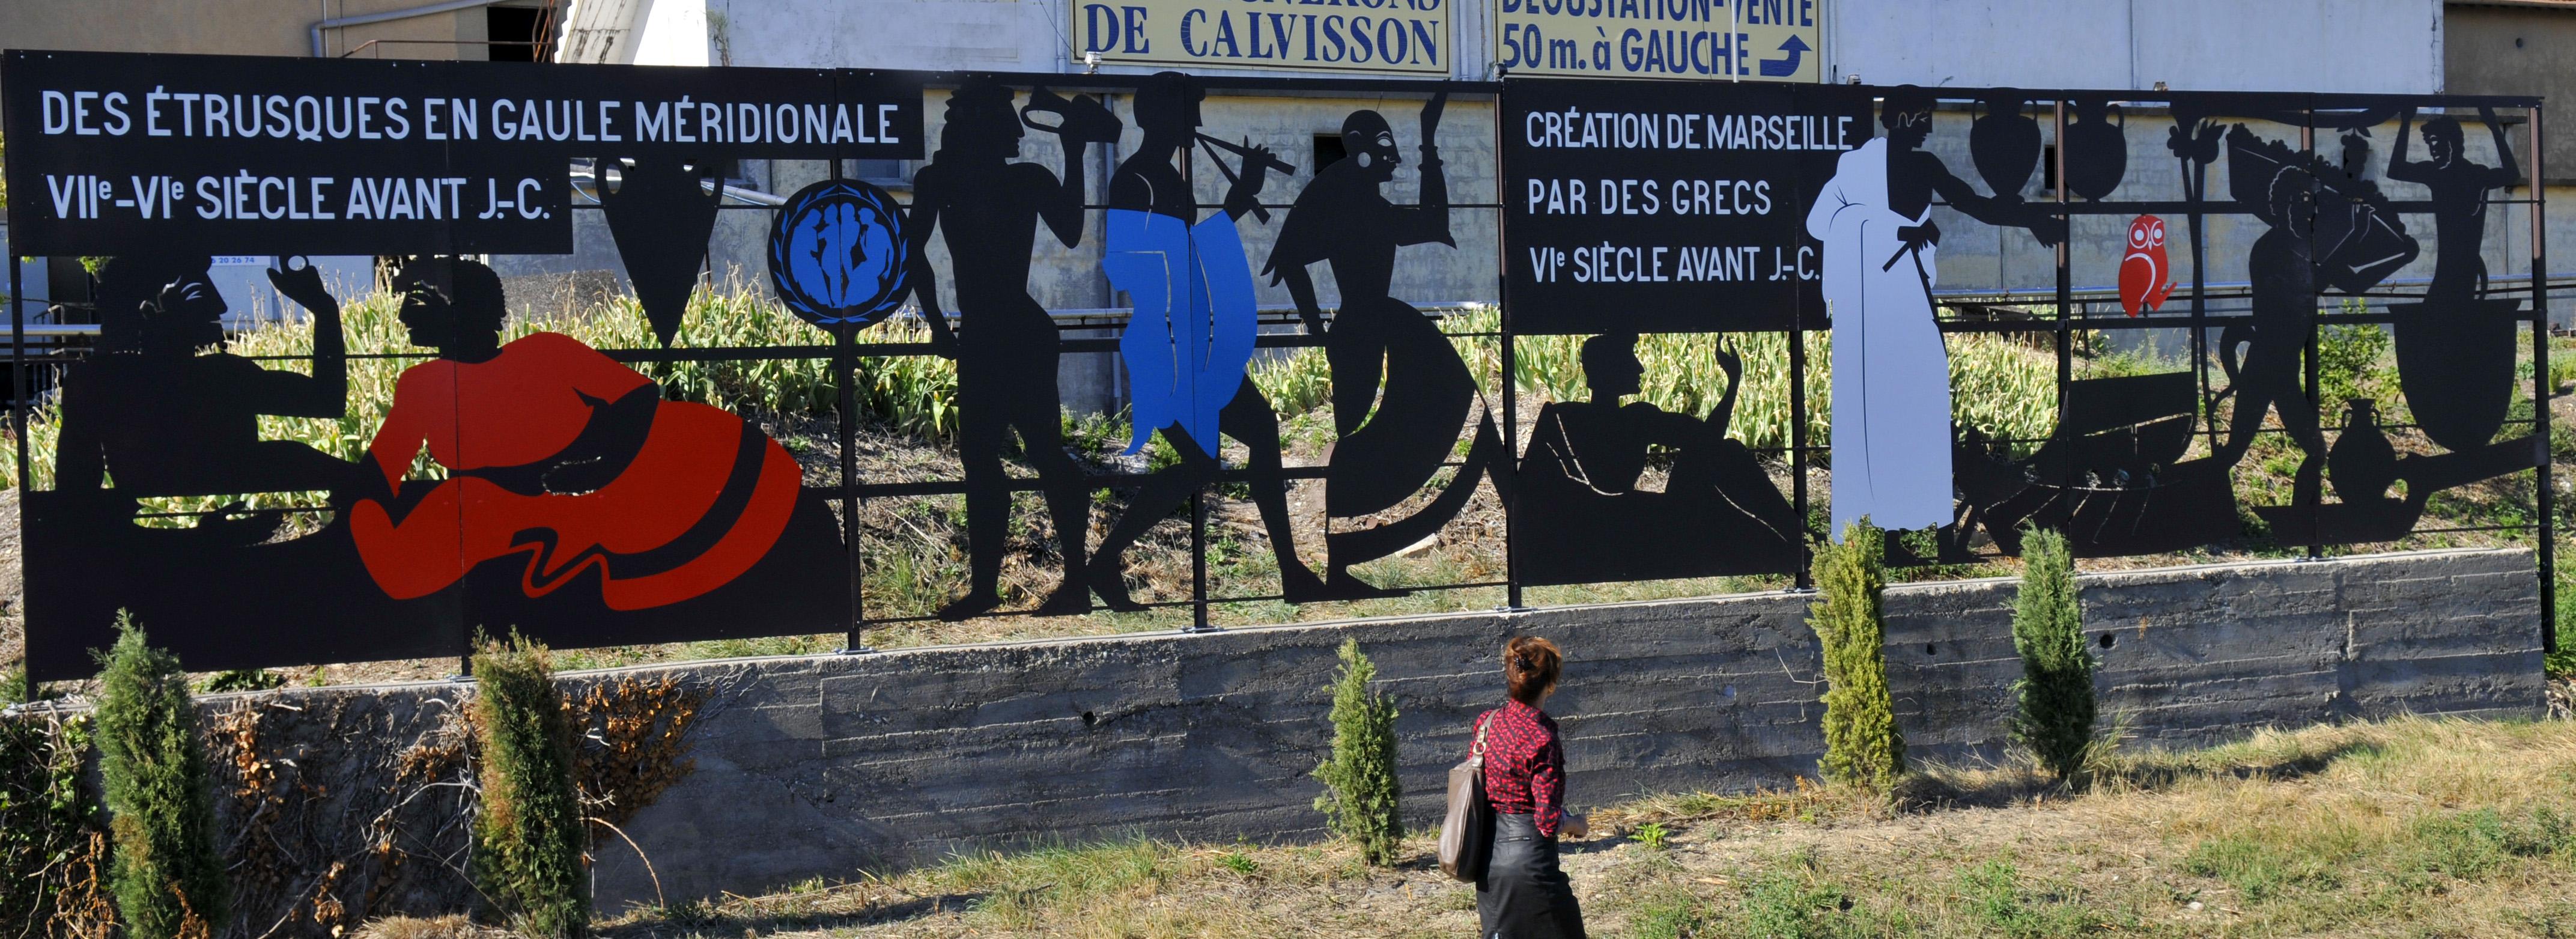 Vinopanorama, Calvisson